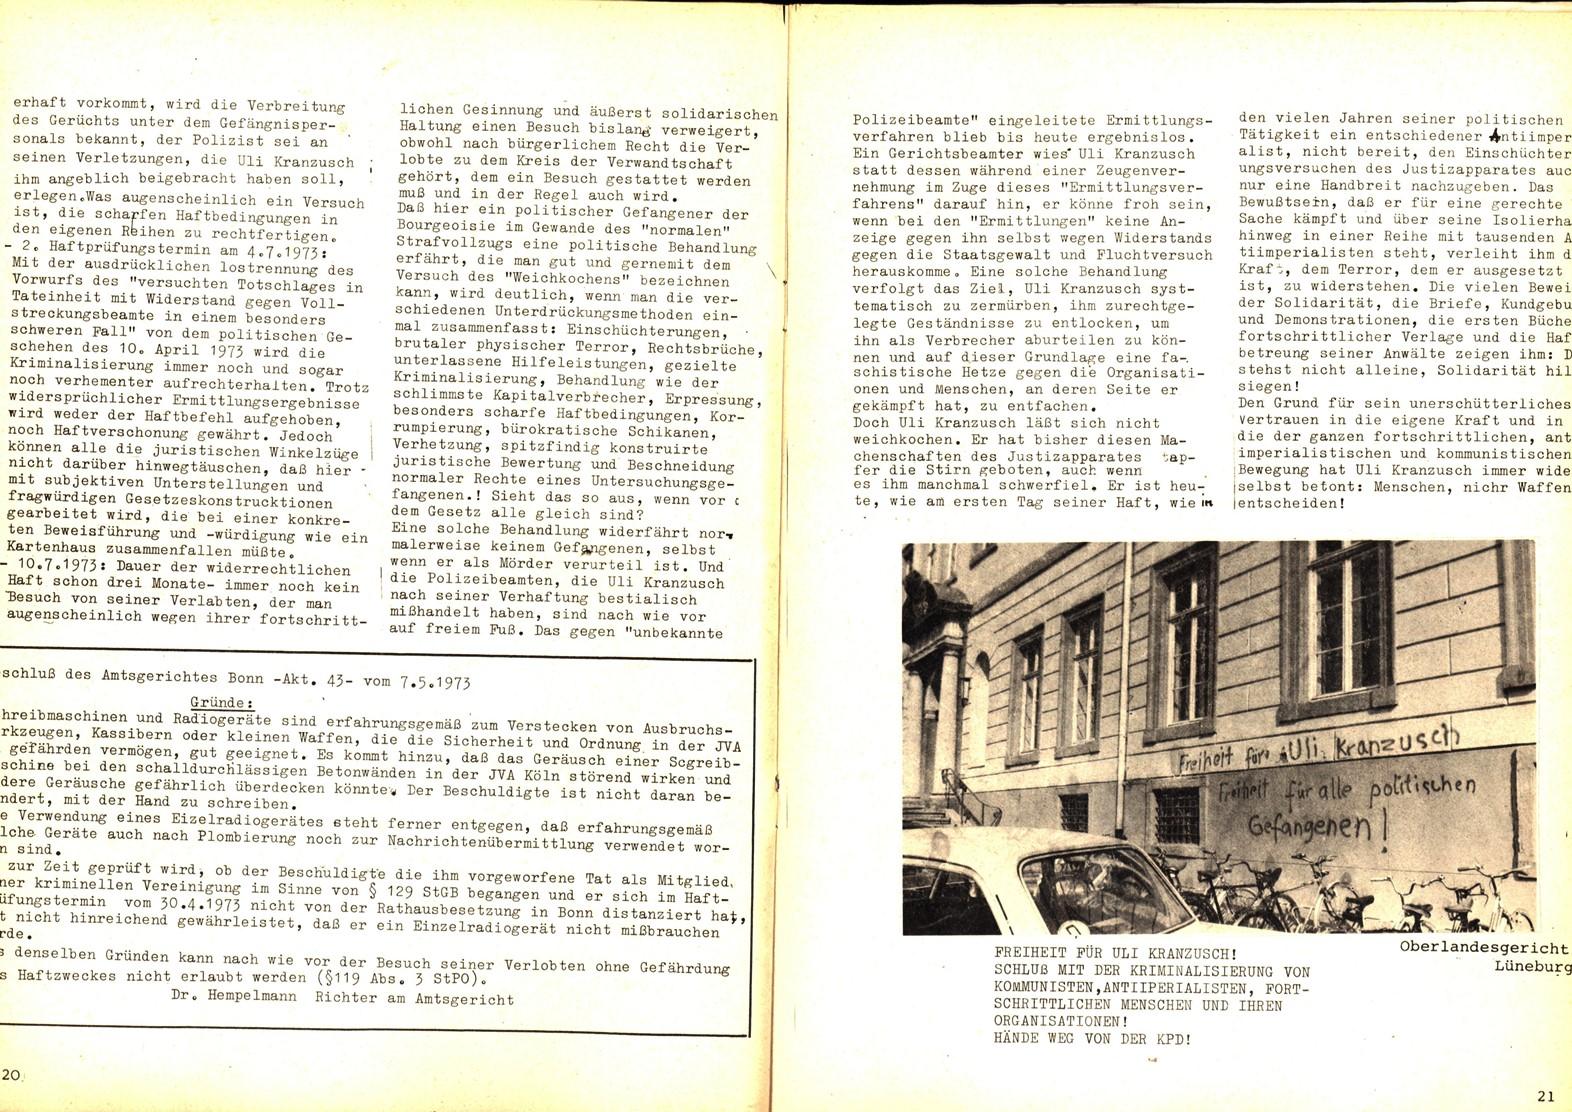 Komitee_Haende_weg_von_der_KPD_1973_Freiheit_fuer_Uli_Kranzusch_12